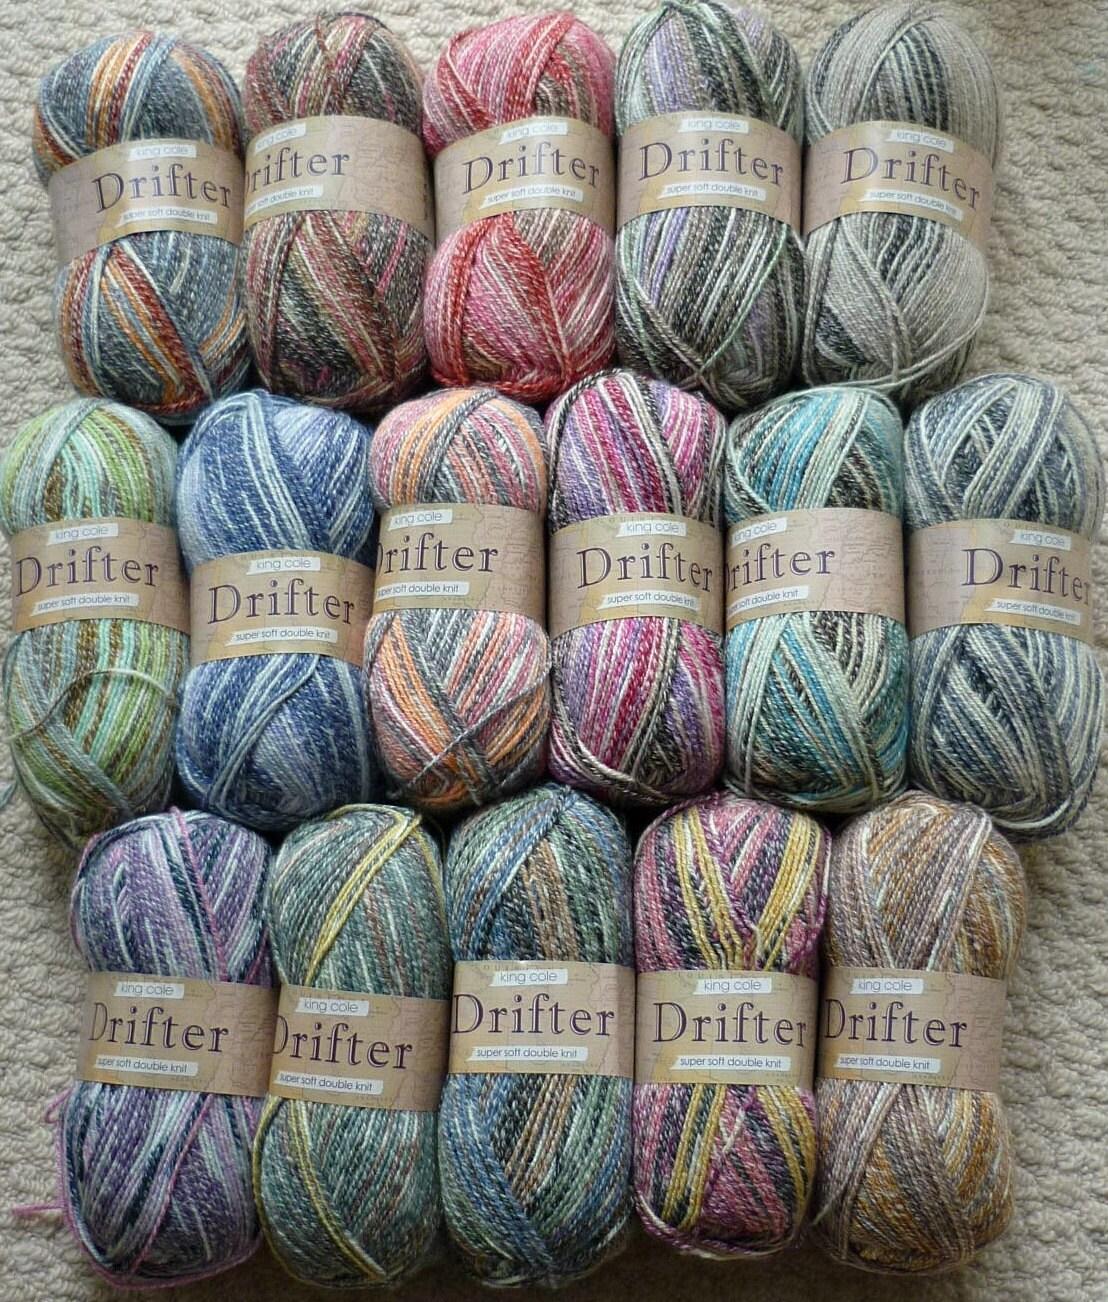 DK Knitting Wool/Yarn King Cole Drifter Cotton Mix Multi